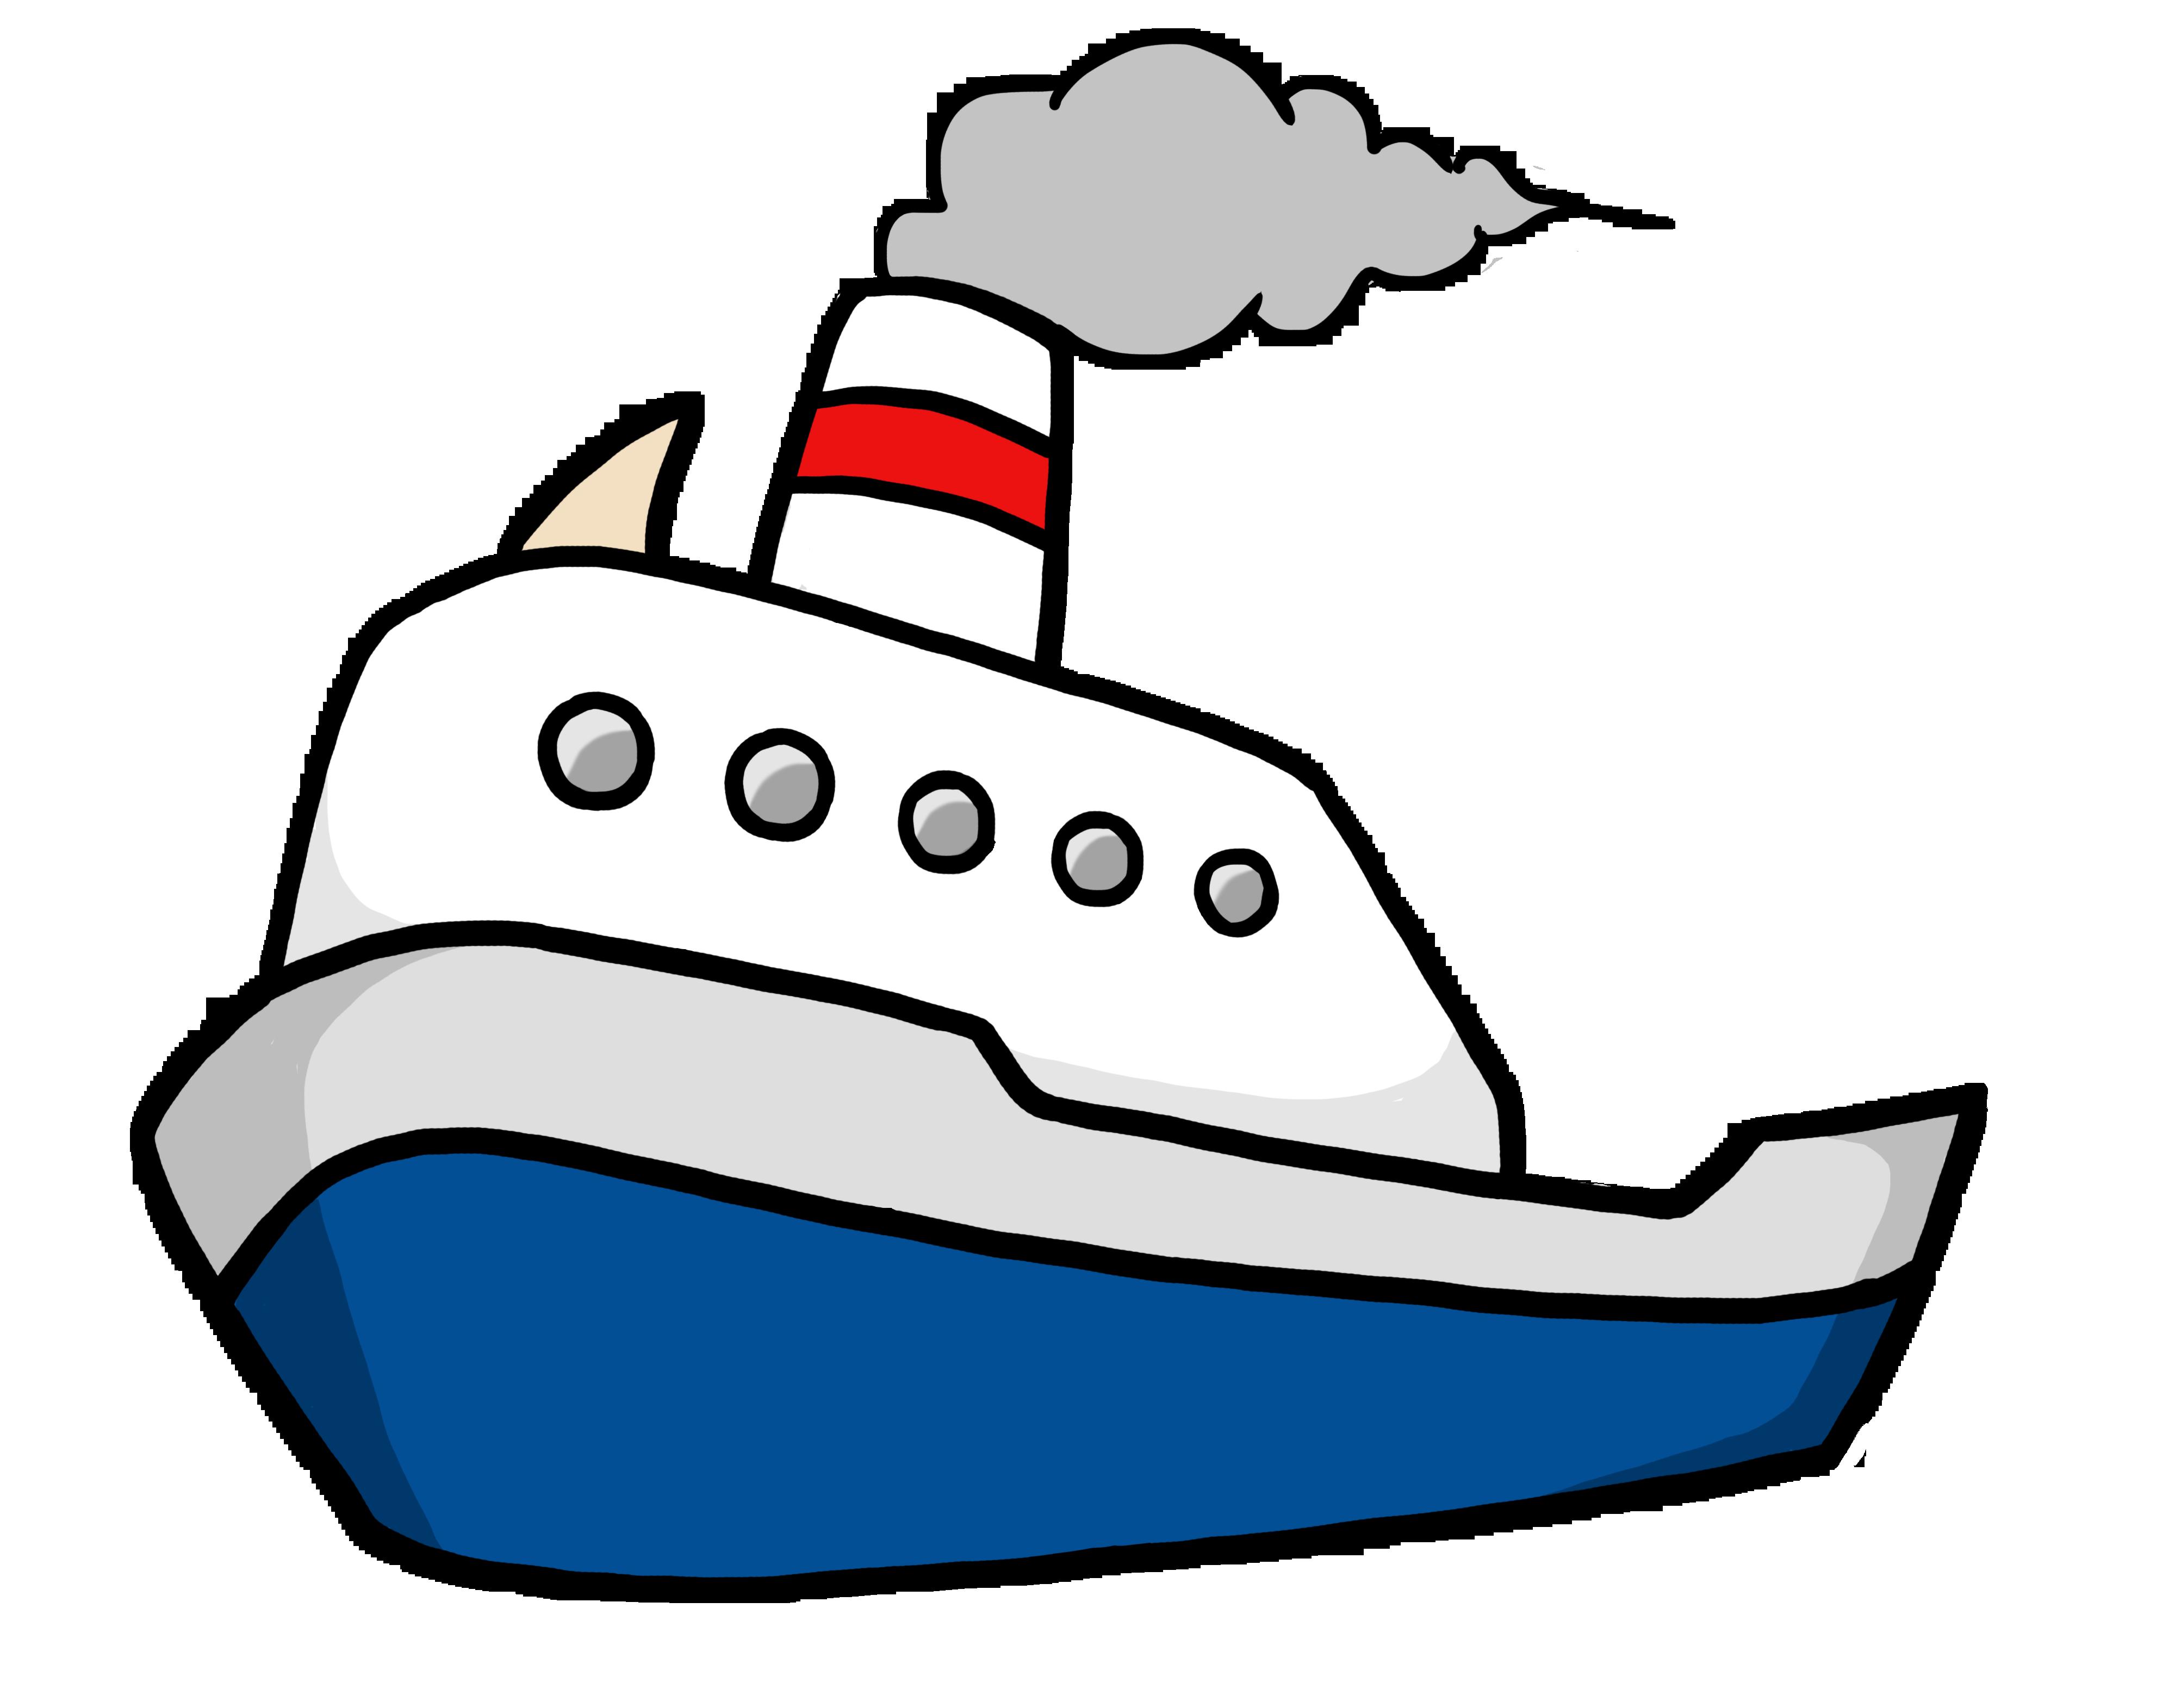 Row Boat Clipart Boat Clip Art-Row Boat Clipart Boat Clip Art-16